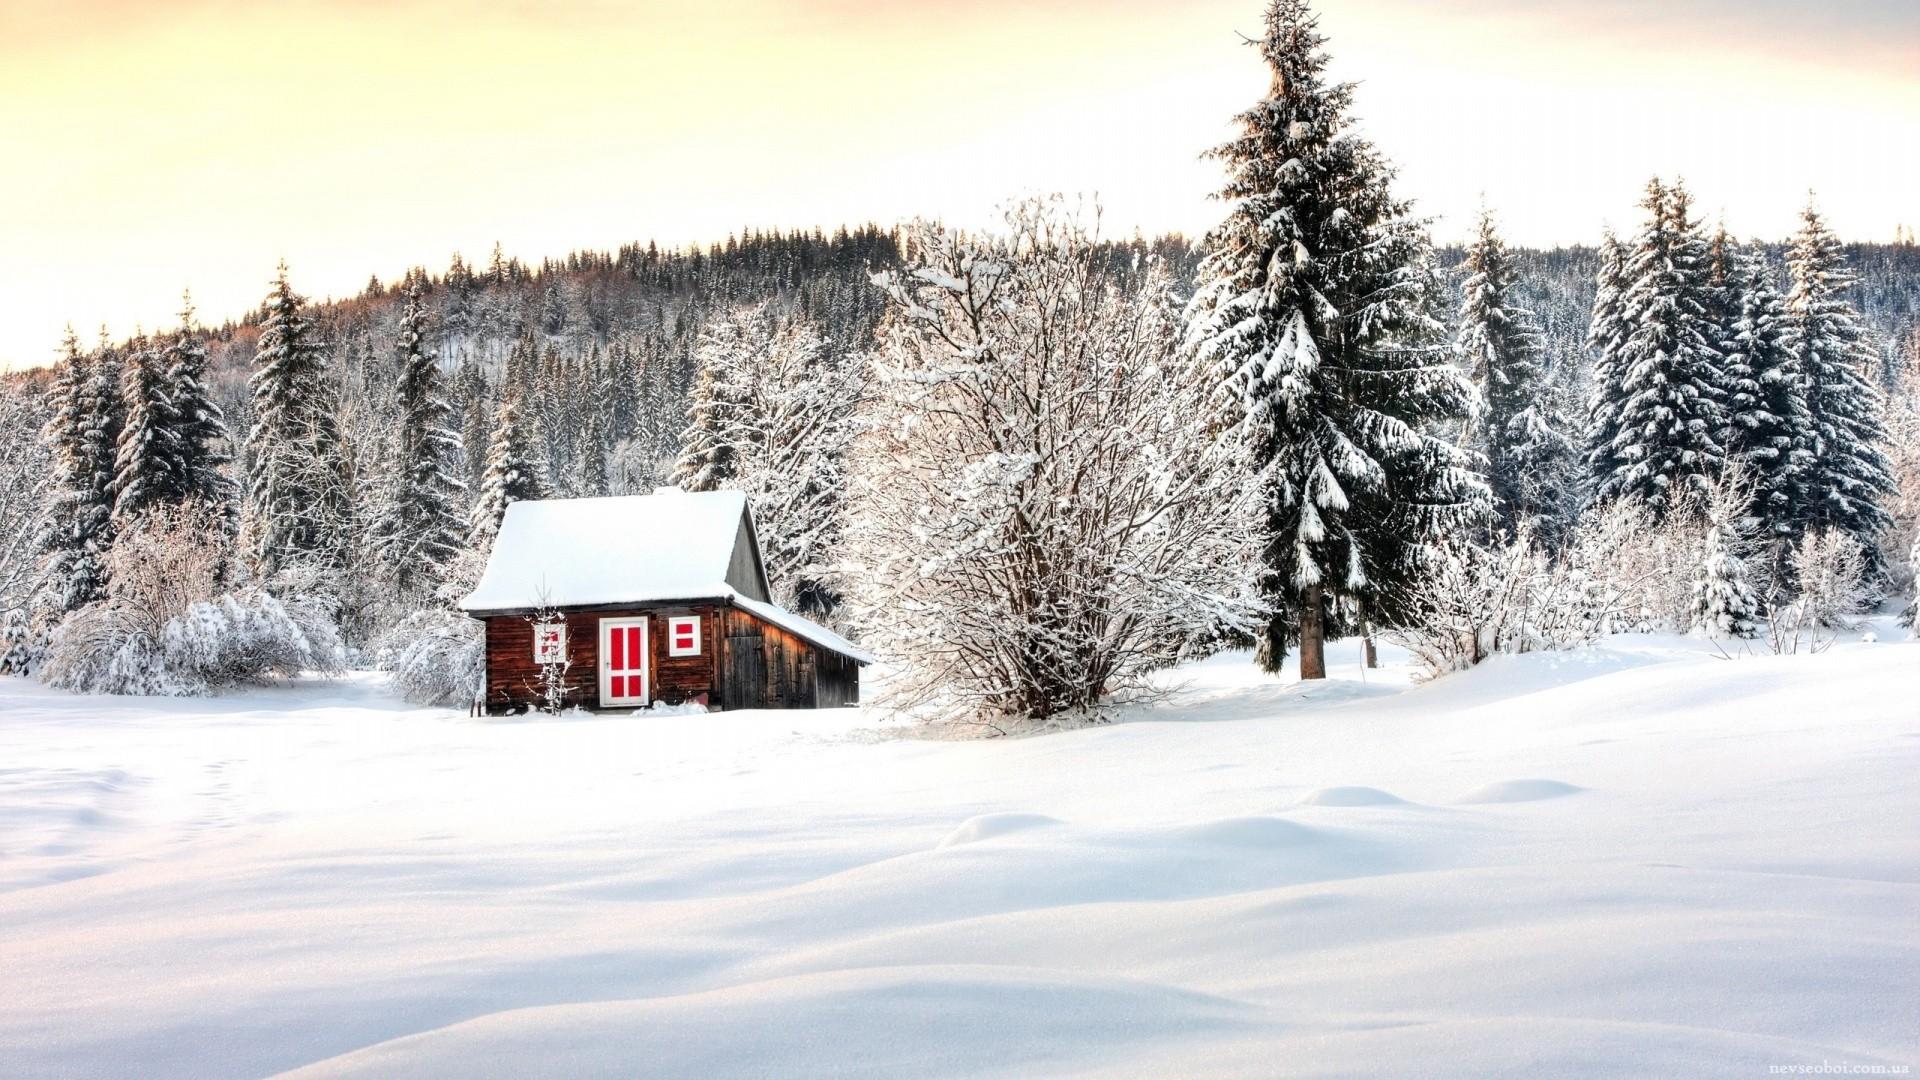 Snowy Desktop wallpaper